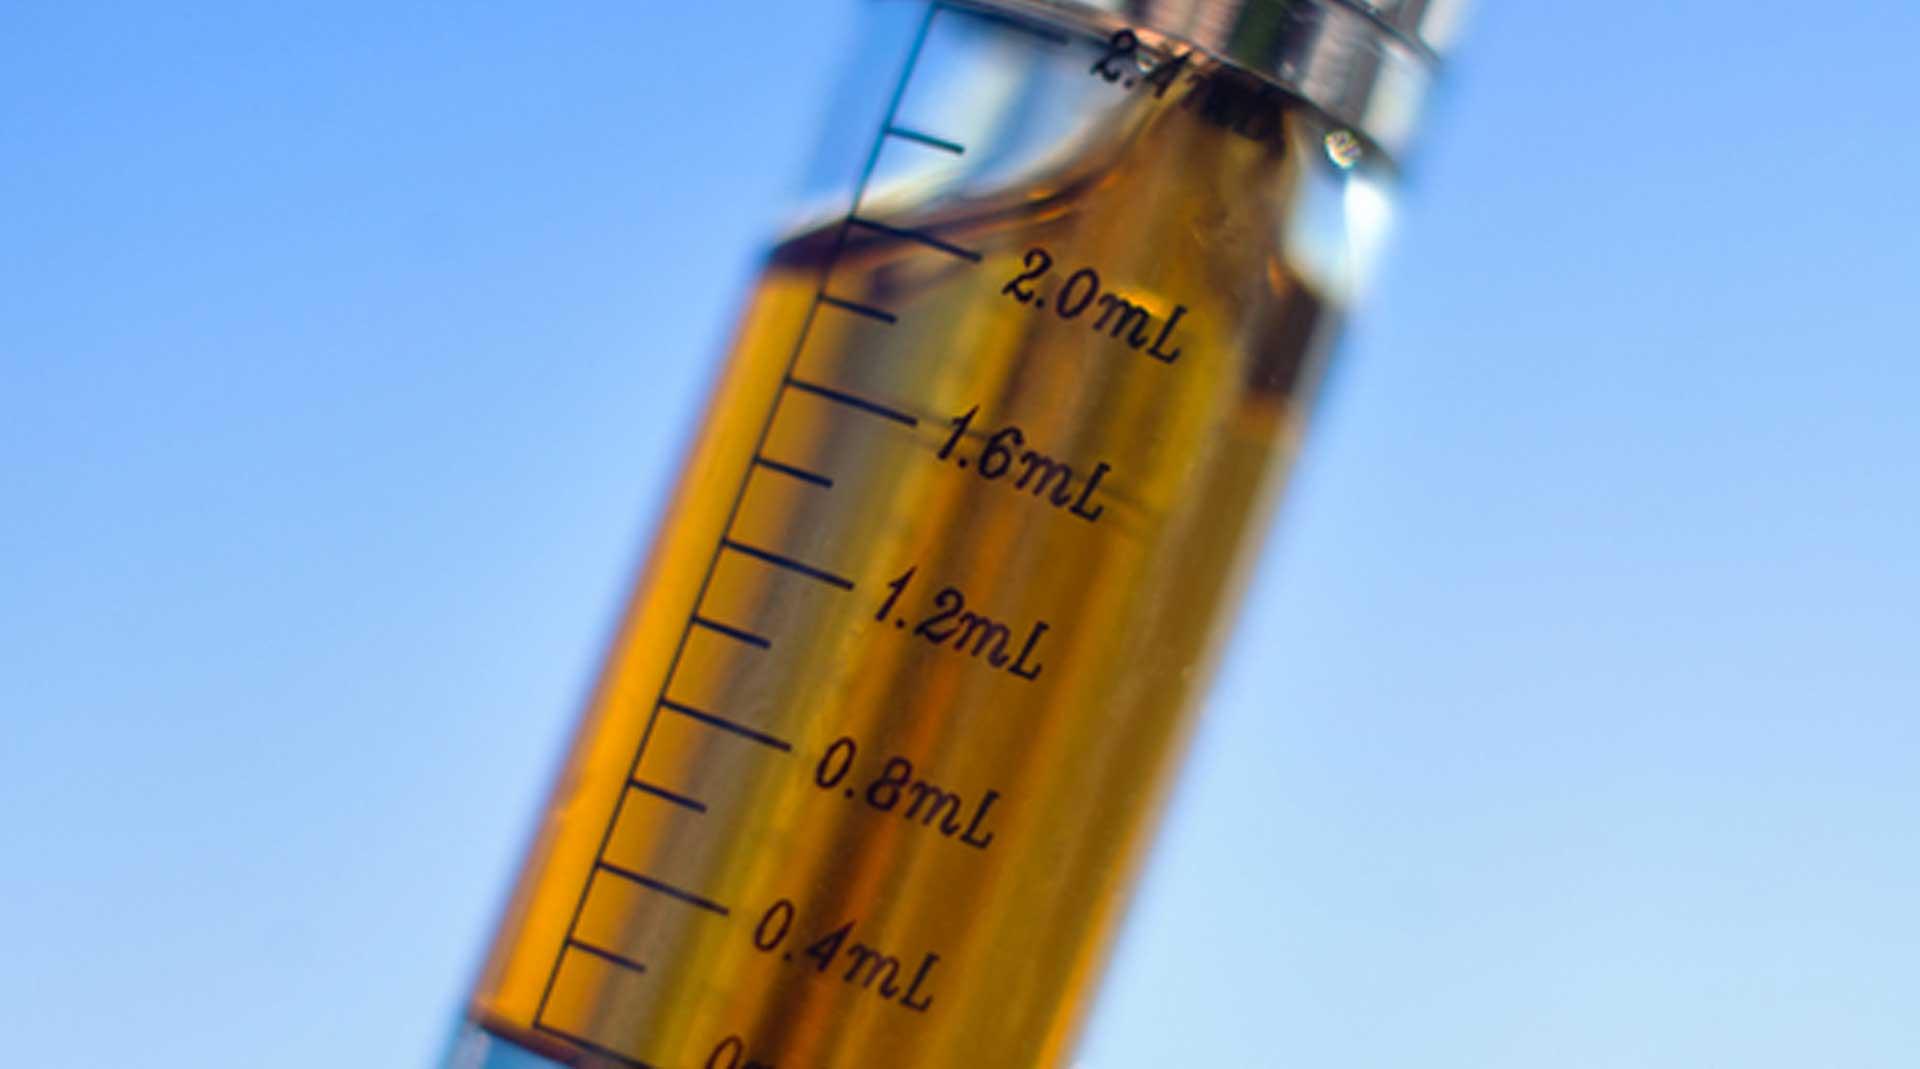 Cannabis E Liquid Guide - ISMOKE